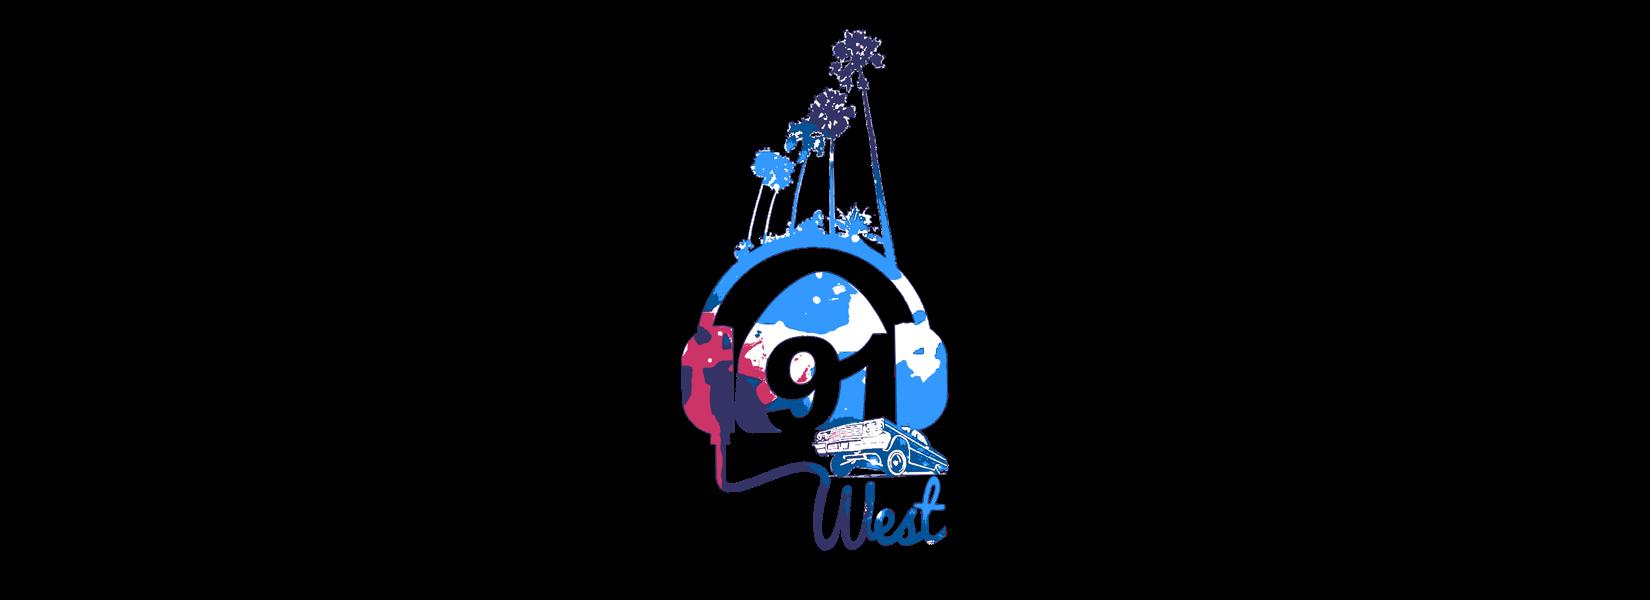 Ninety1West